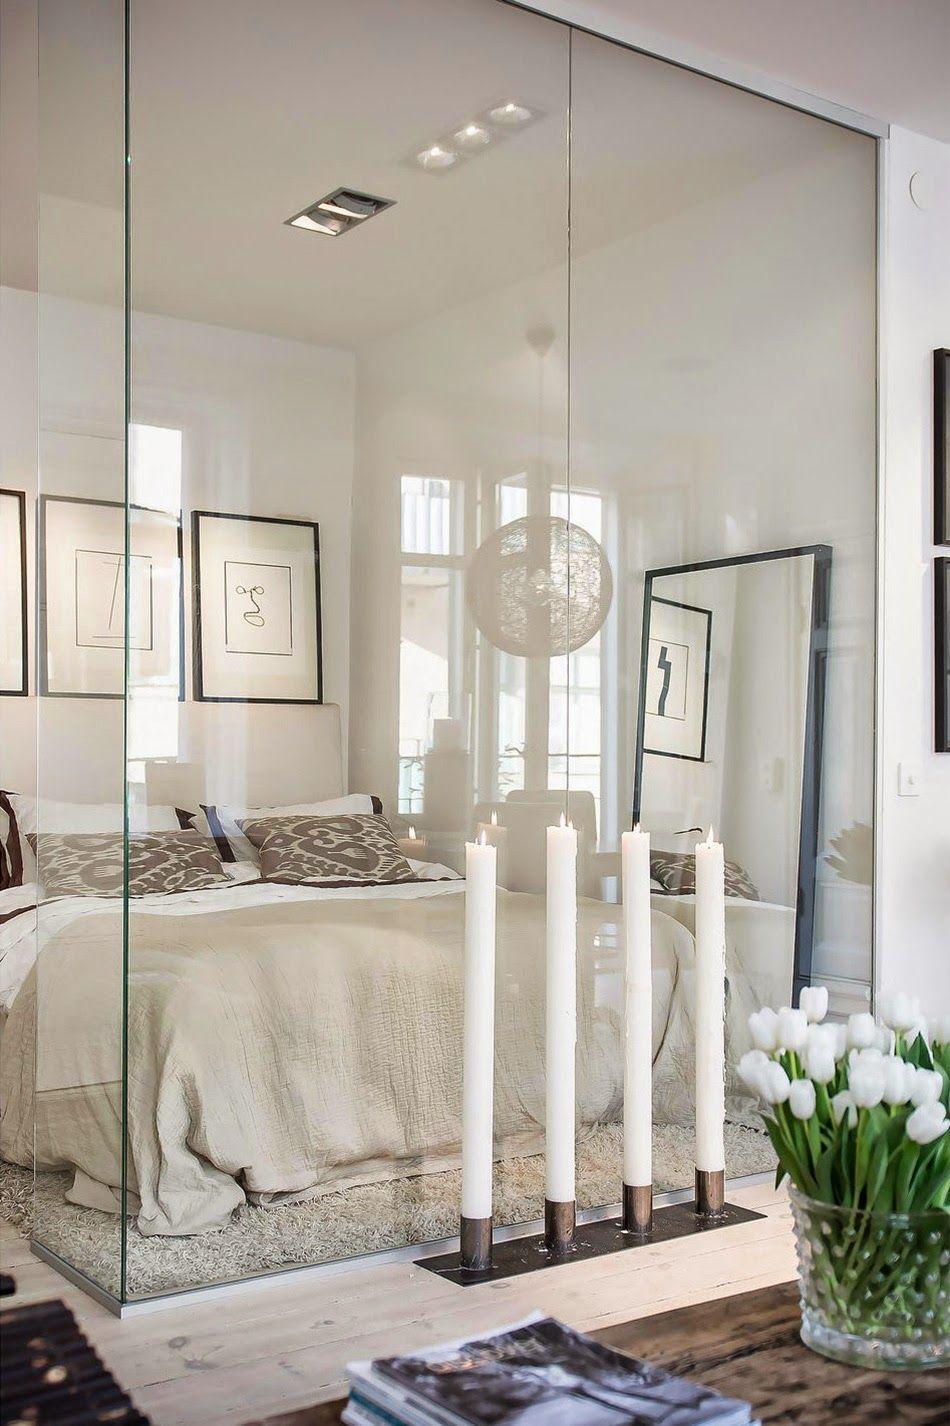 Зона спальни обозначена прозрачной стеклянной перегородкой